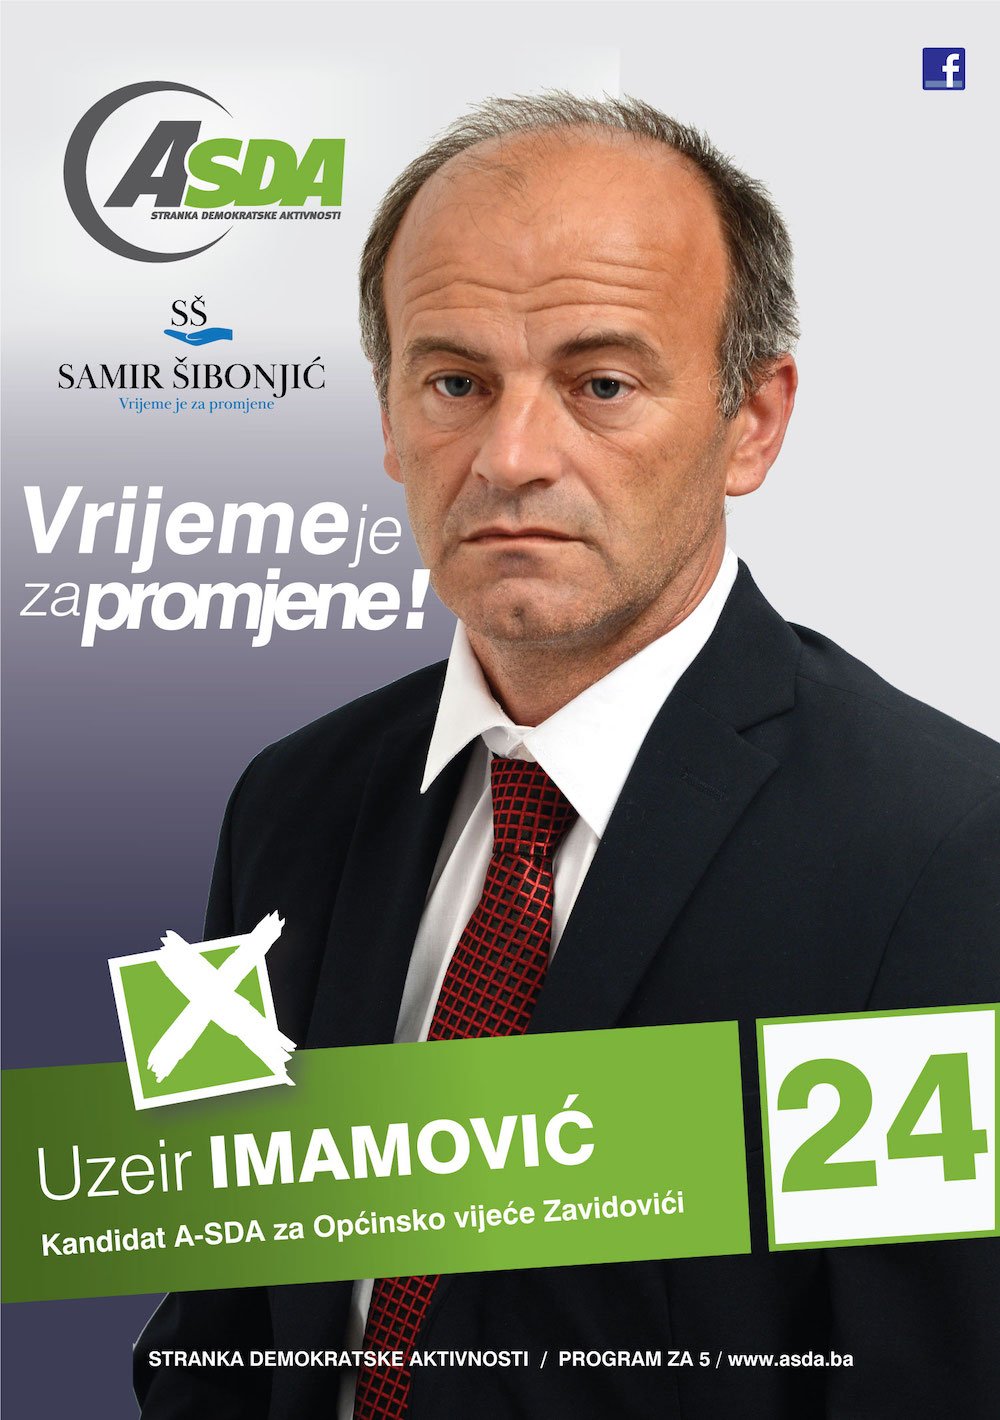 Uzeir Imamović